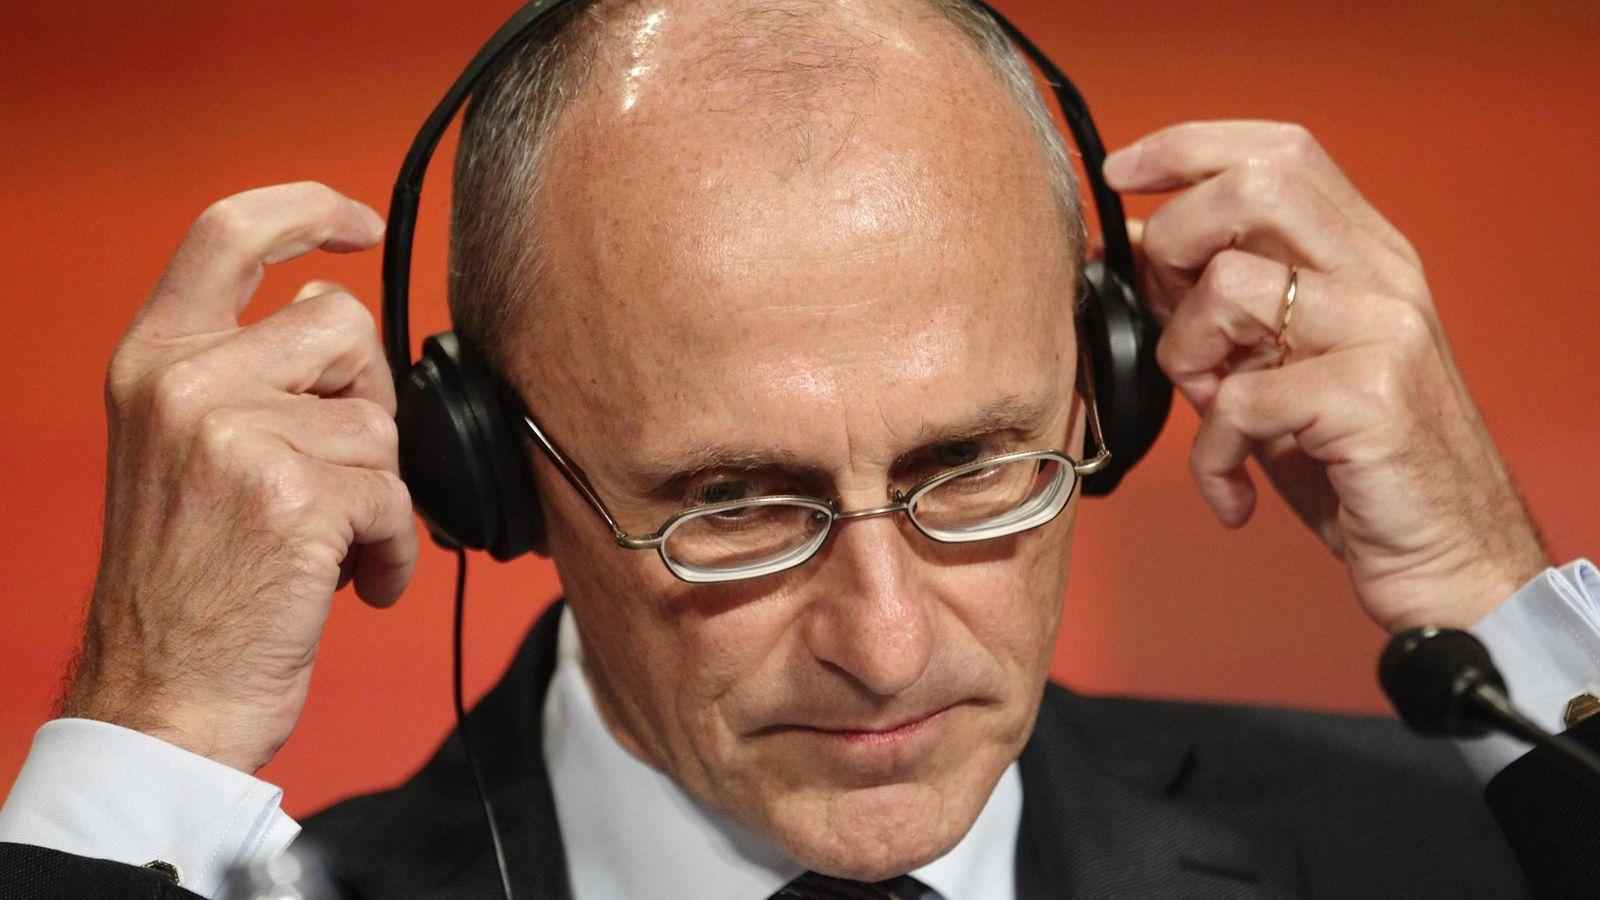 Foto: El presidente de la EBA, Andrea Enria. (Reuters)